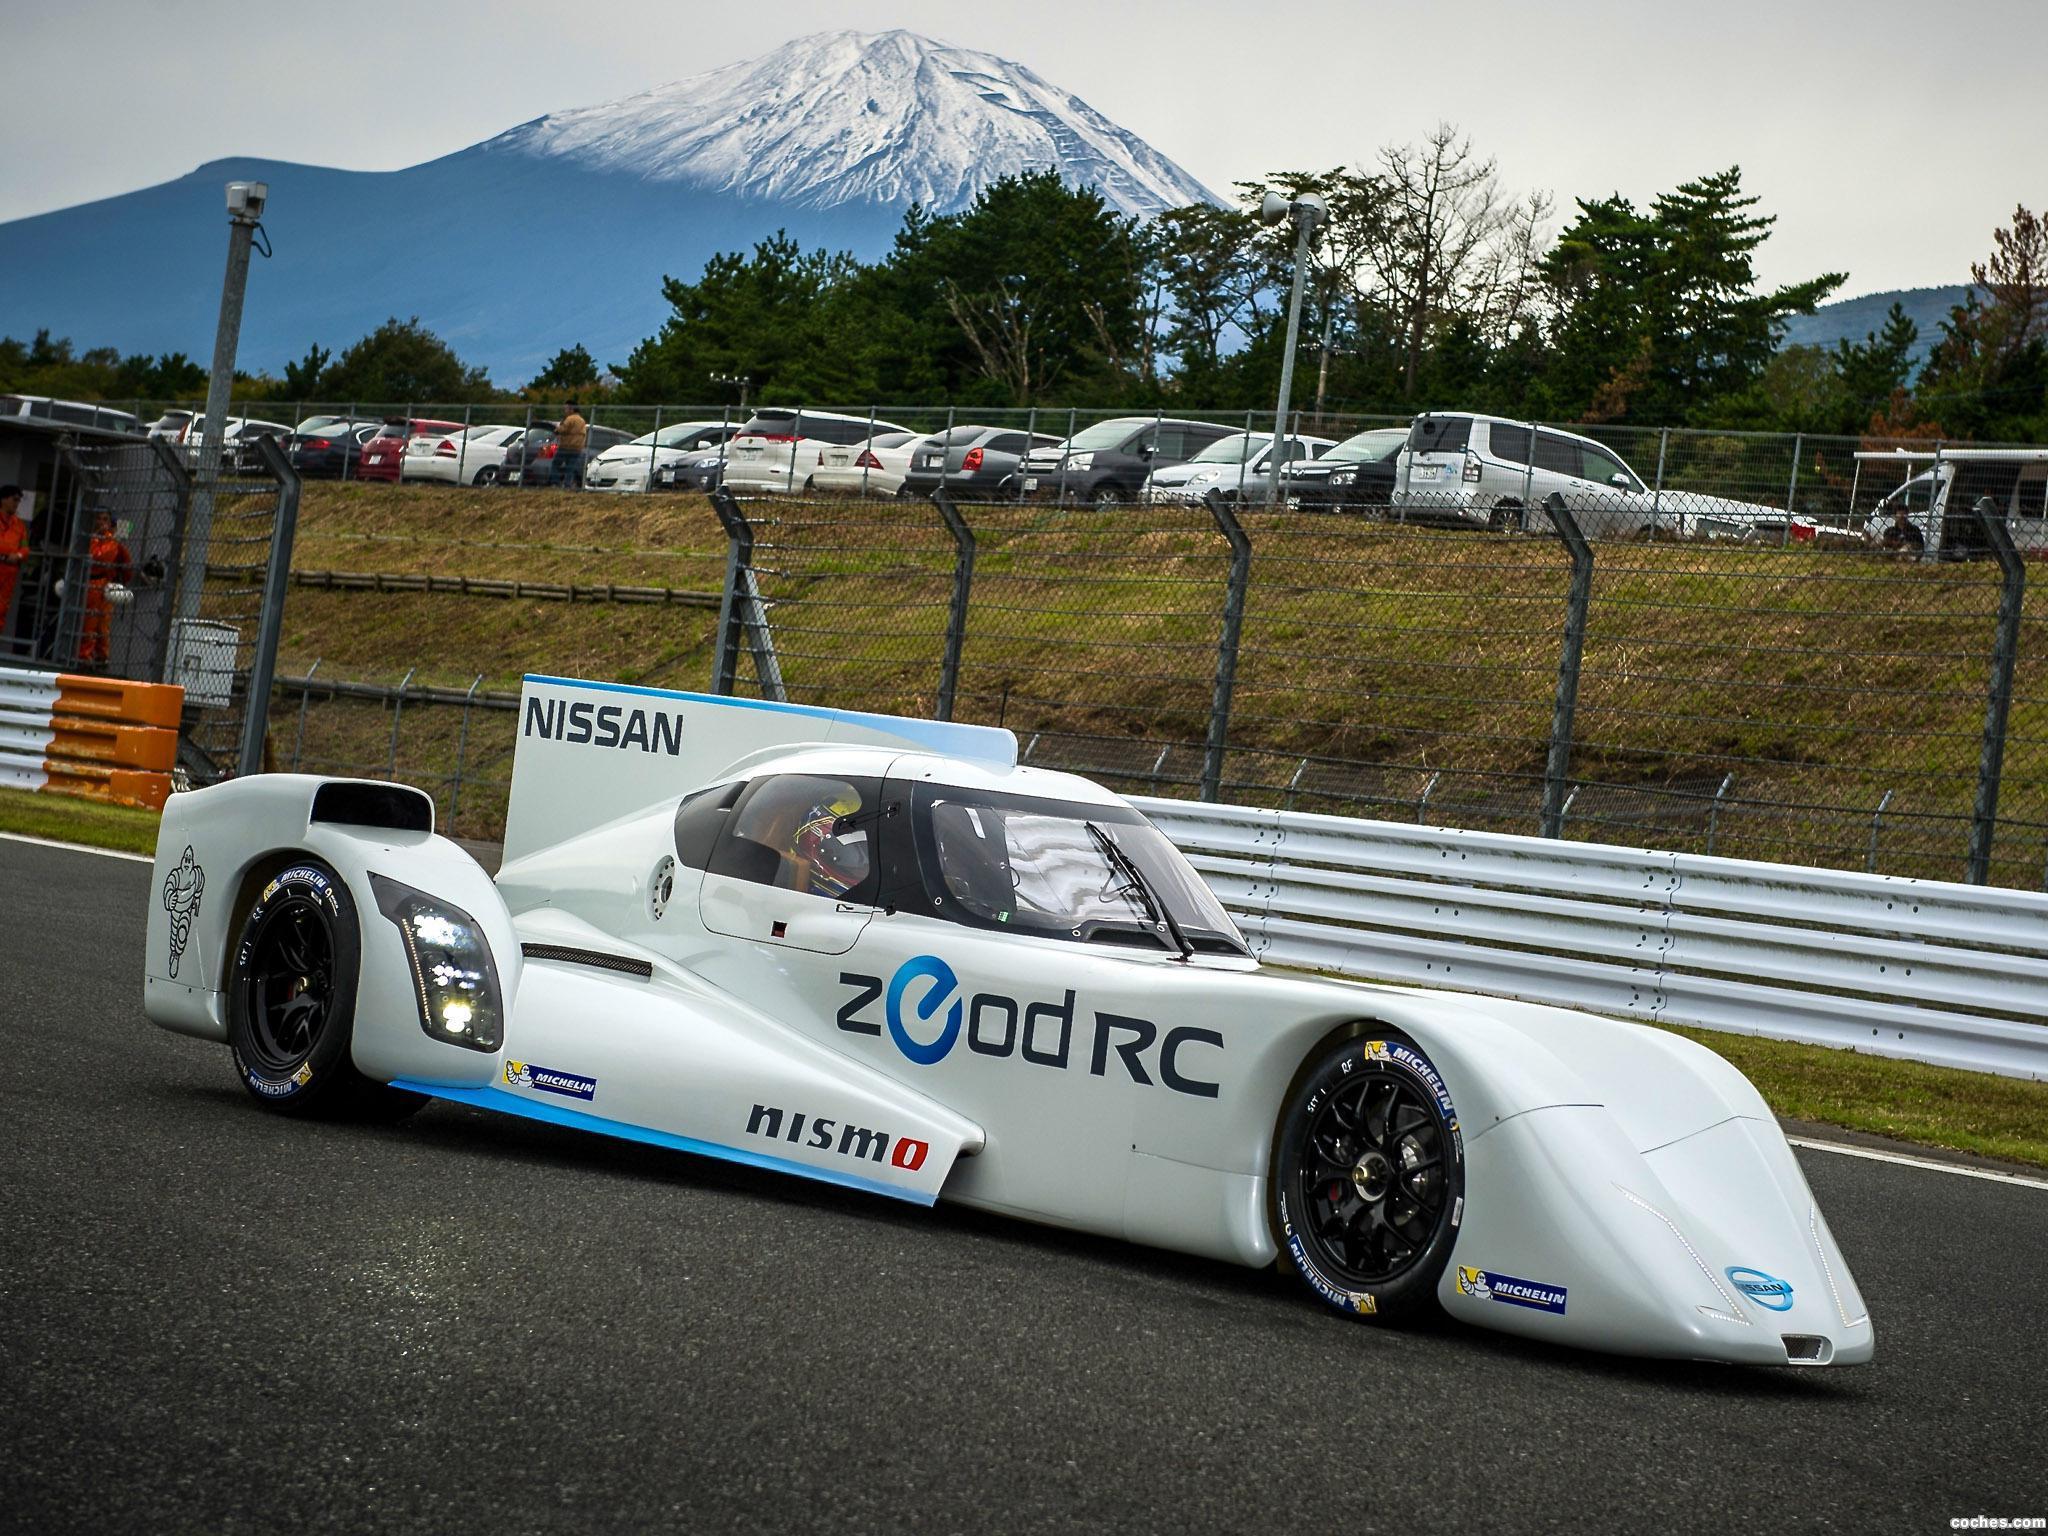 Foto 39 de Nissan ZEOD RC 2014